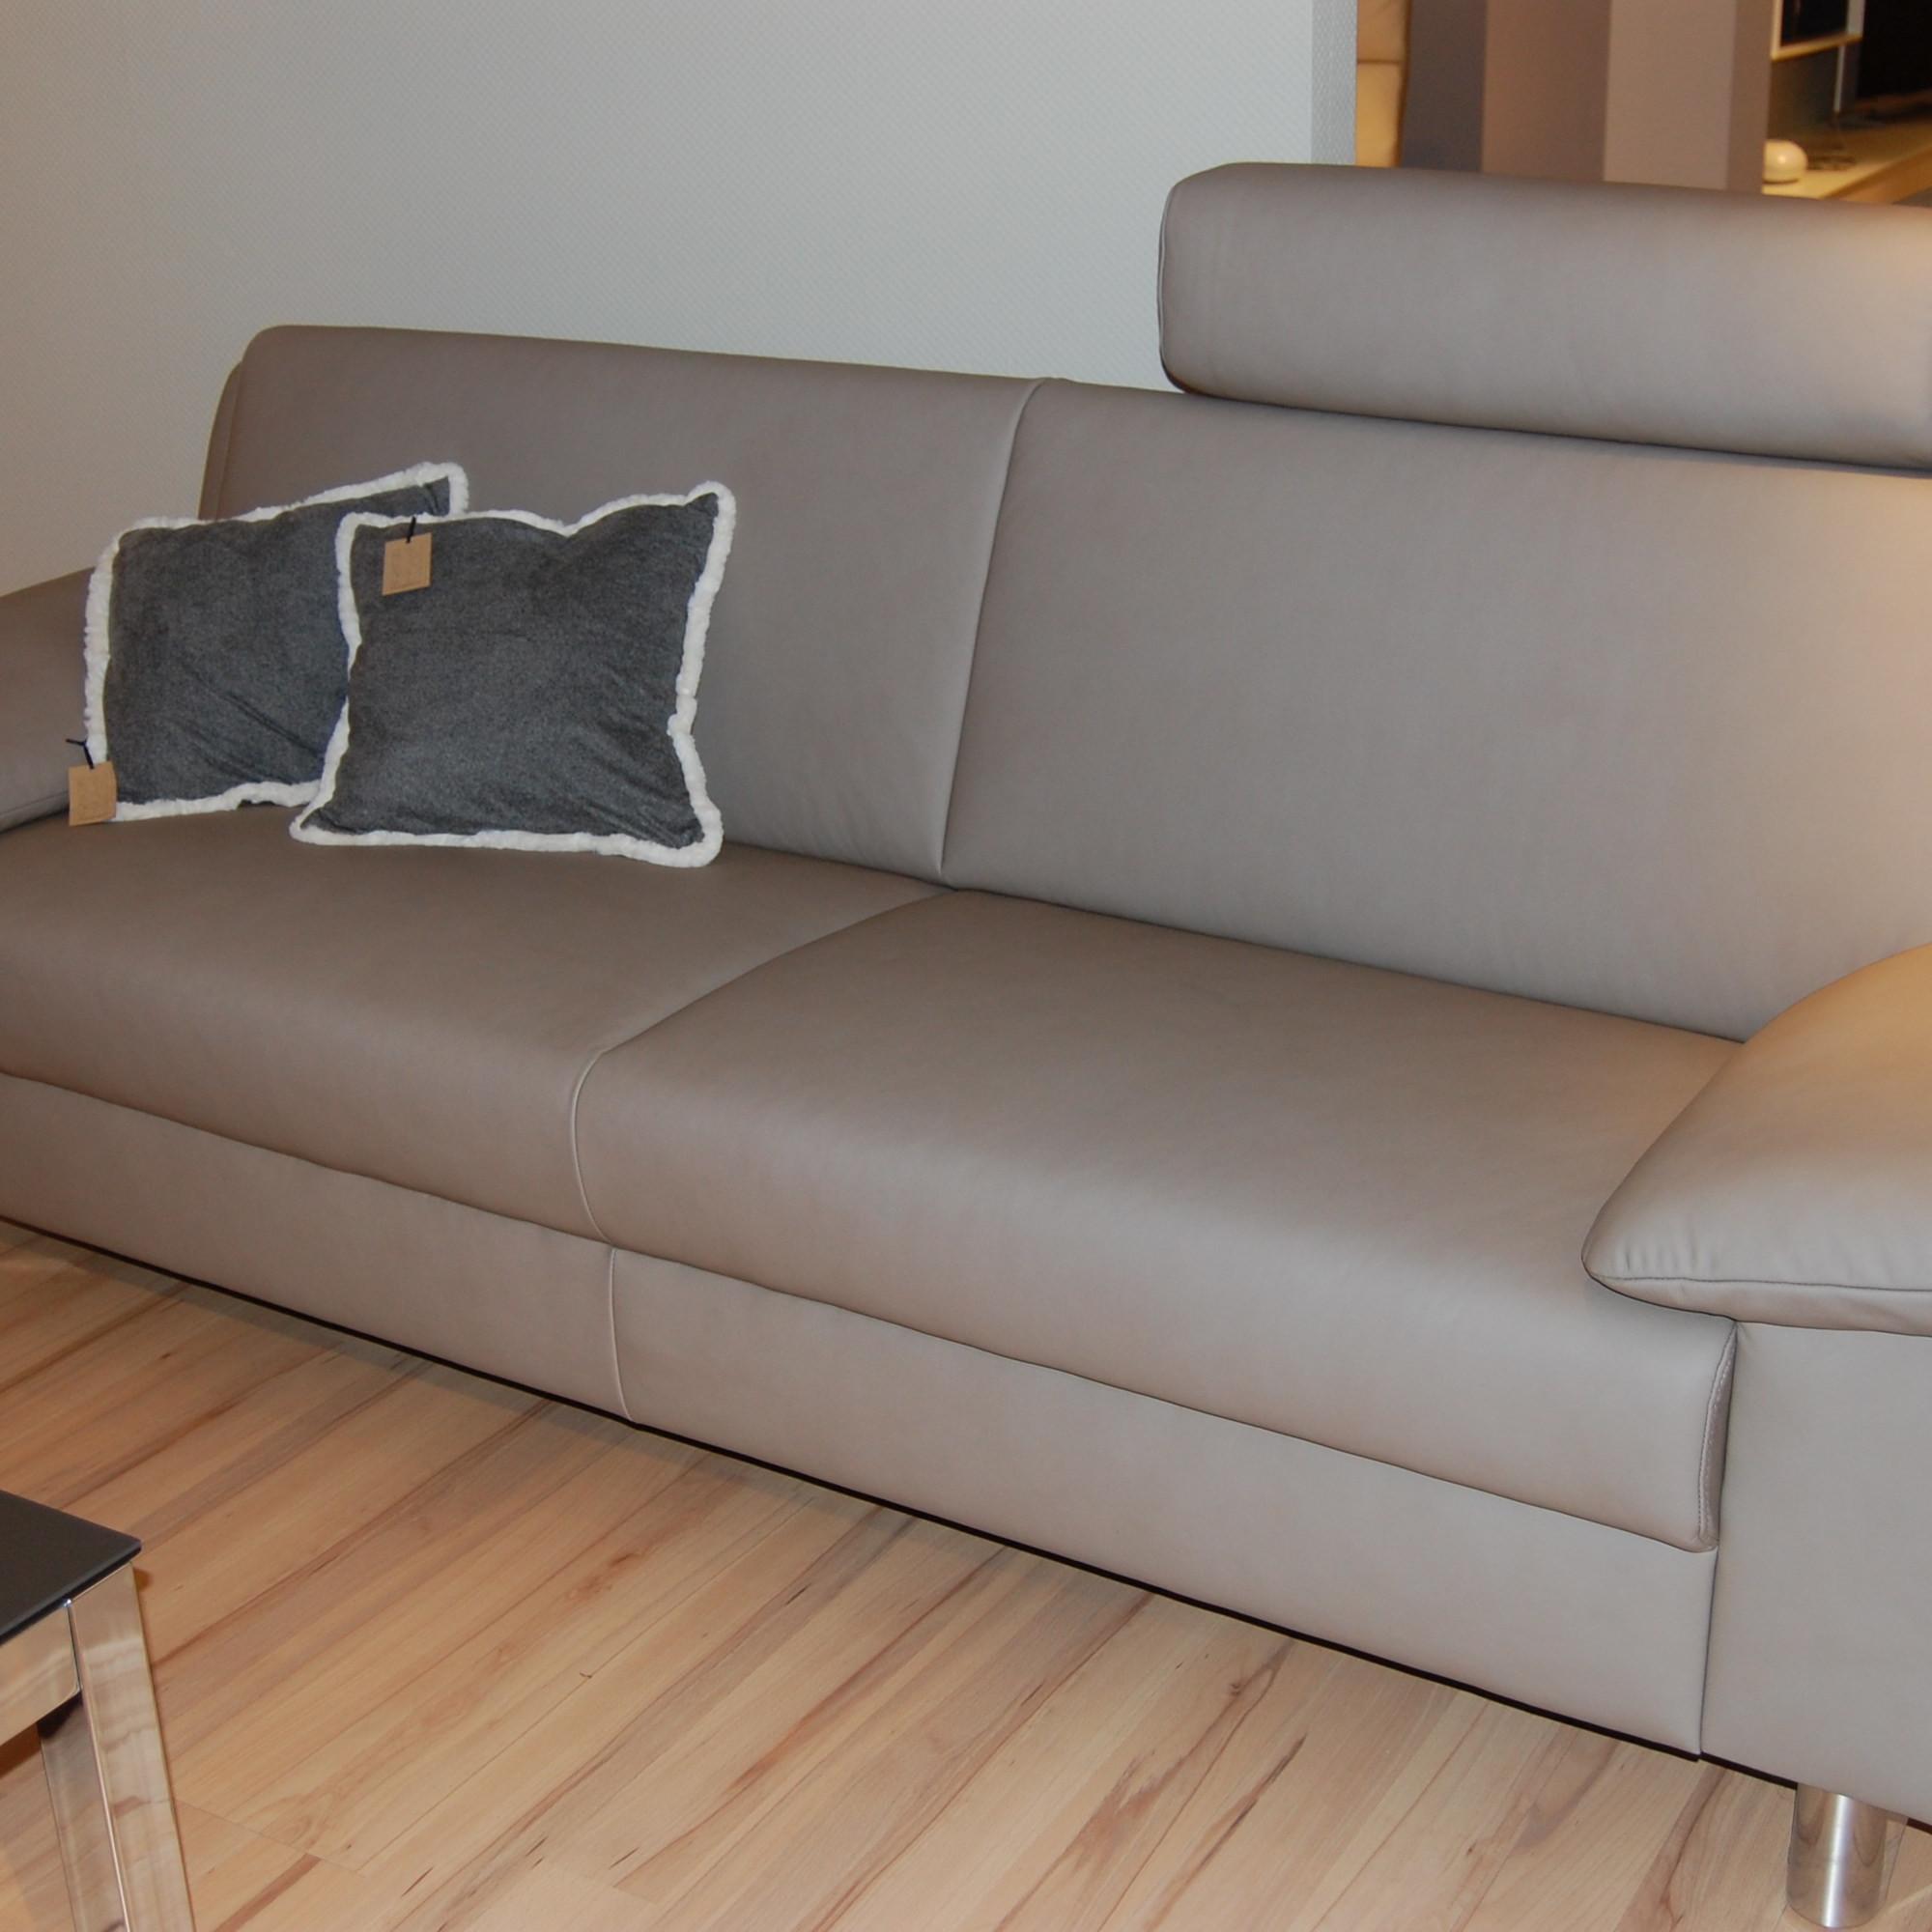 mein ausstellungsst ck sofas. Black Bedroom Furniture Sets. Home Design Ideas